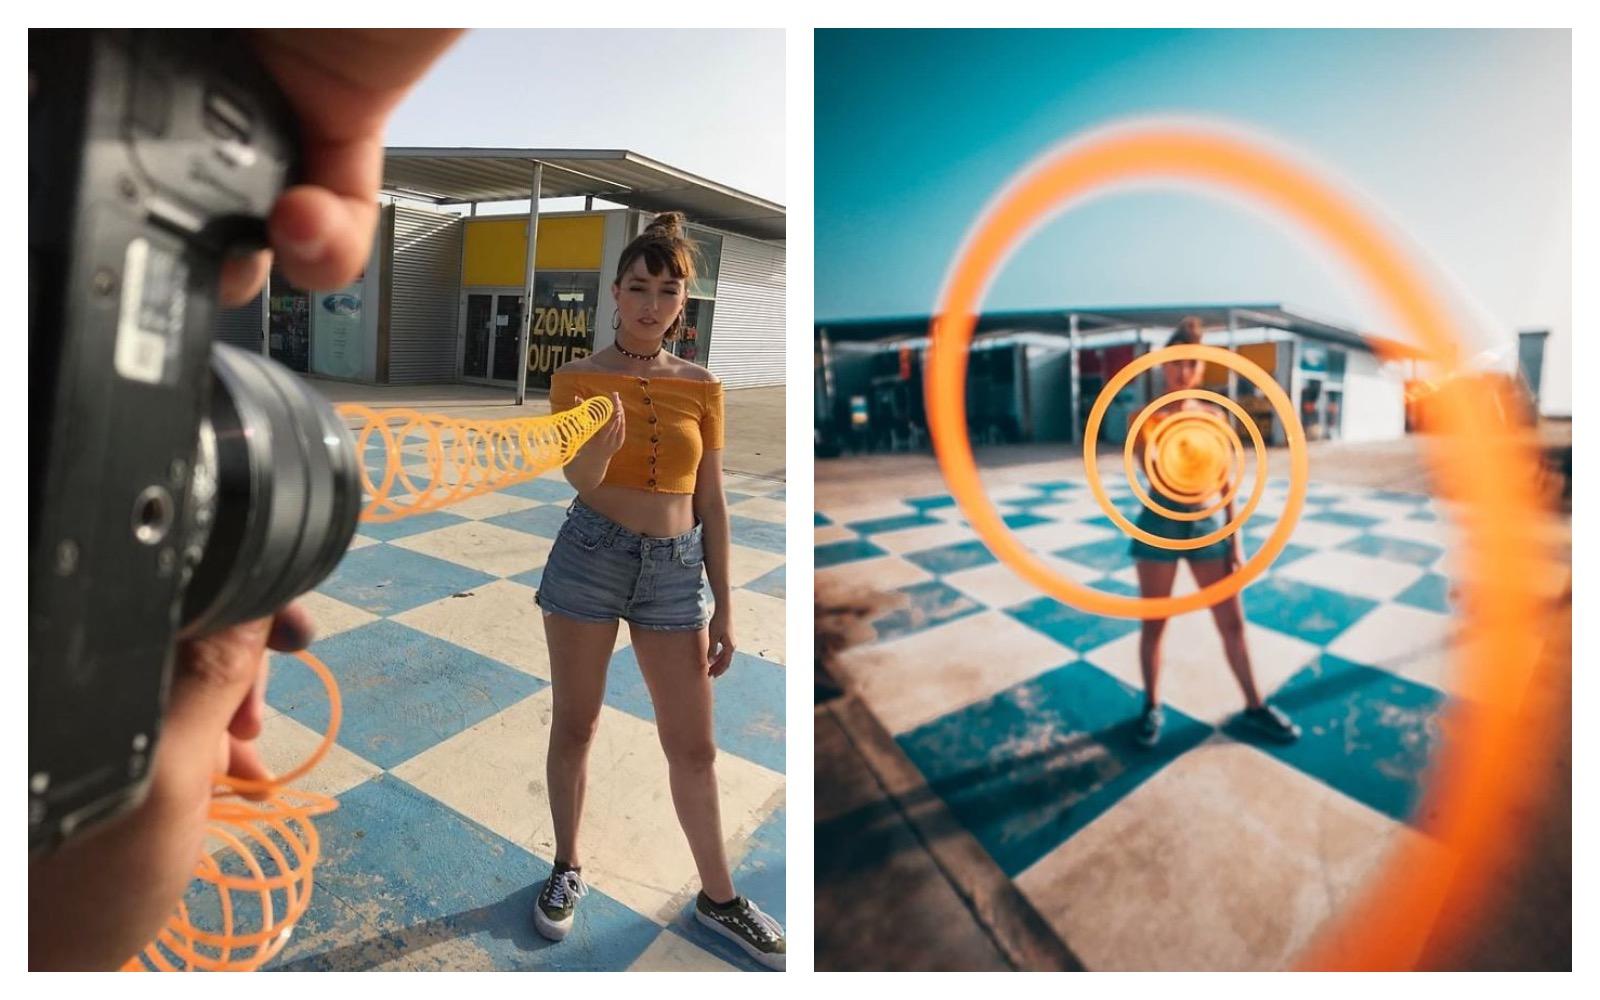 Лайфхаки для удивительных 3D фотографий отДжорджи Пуча